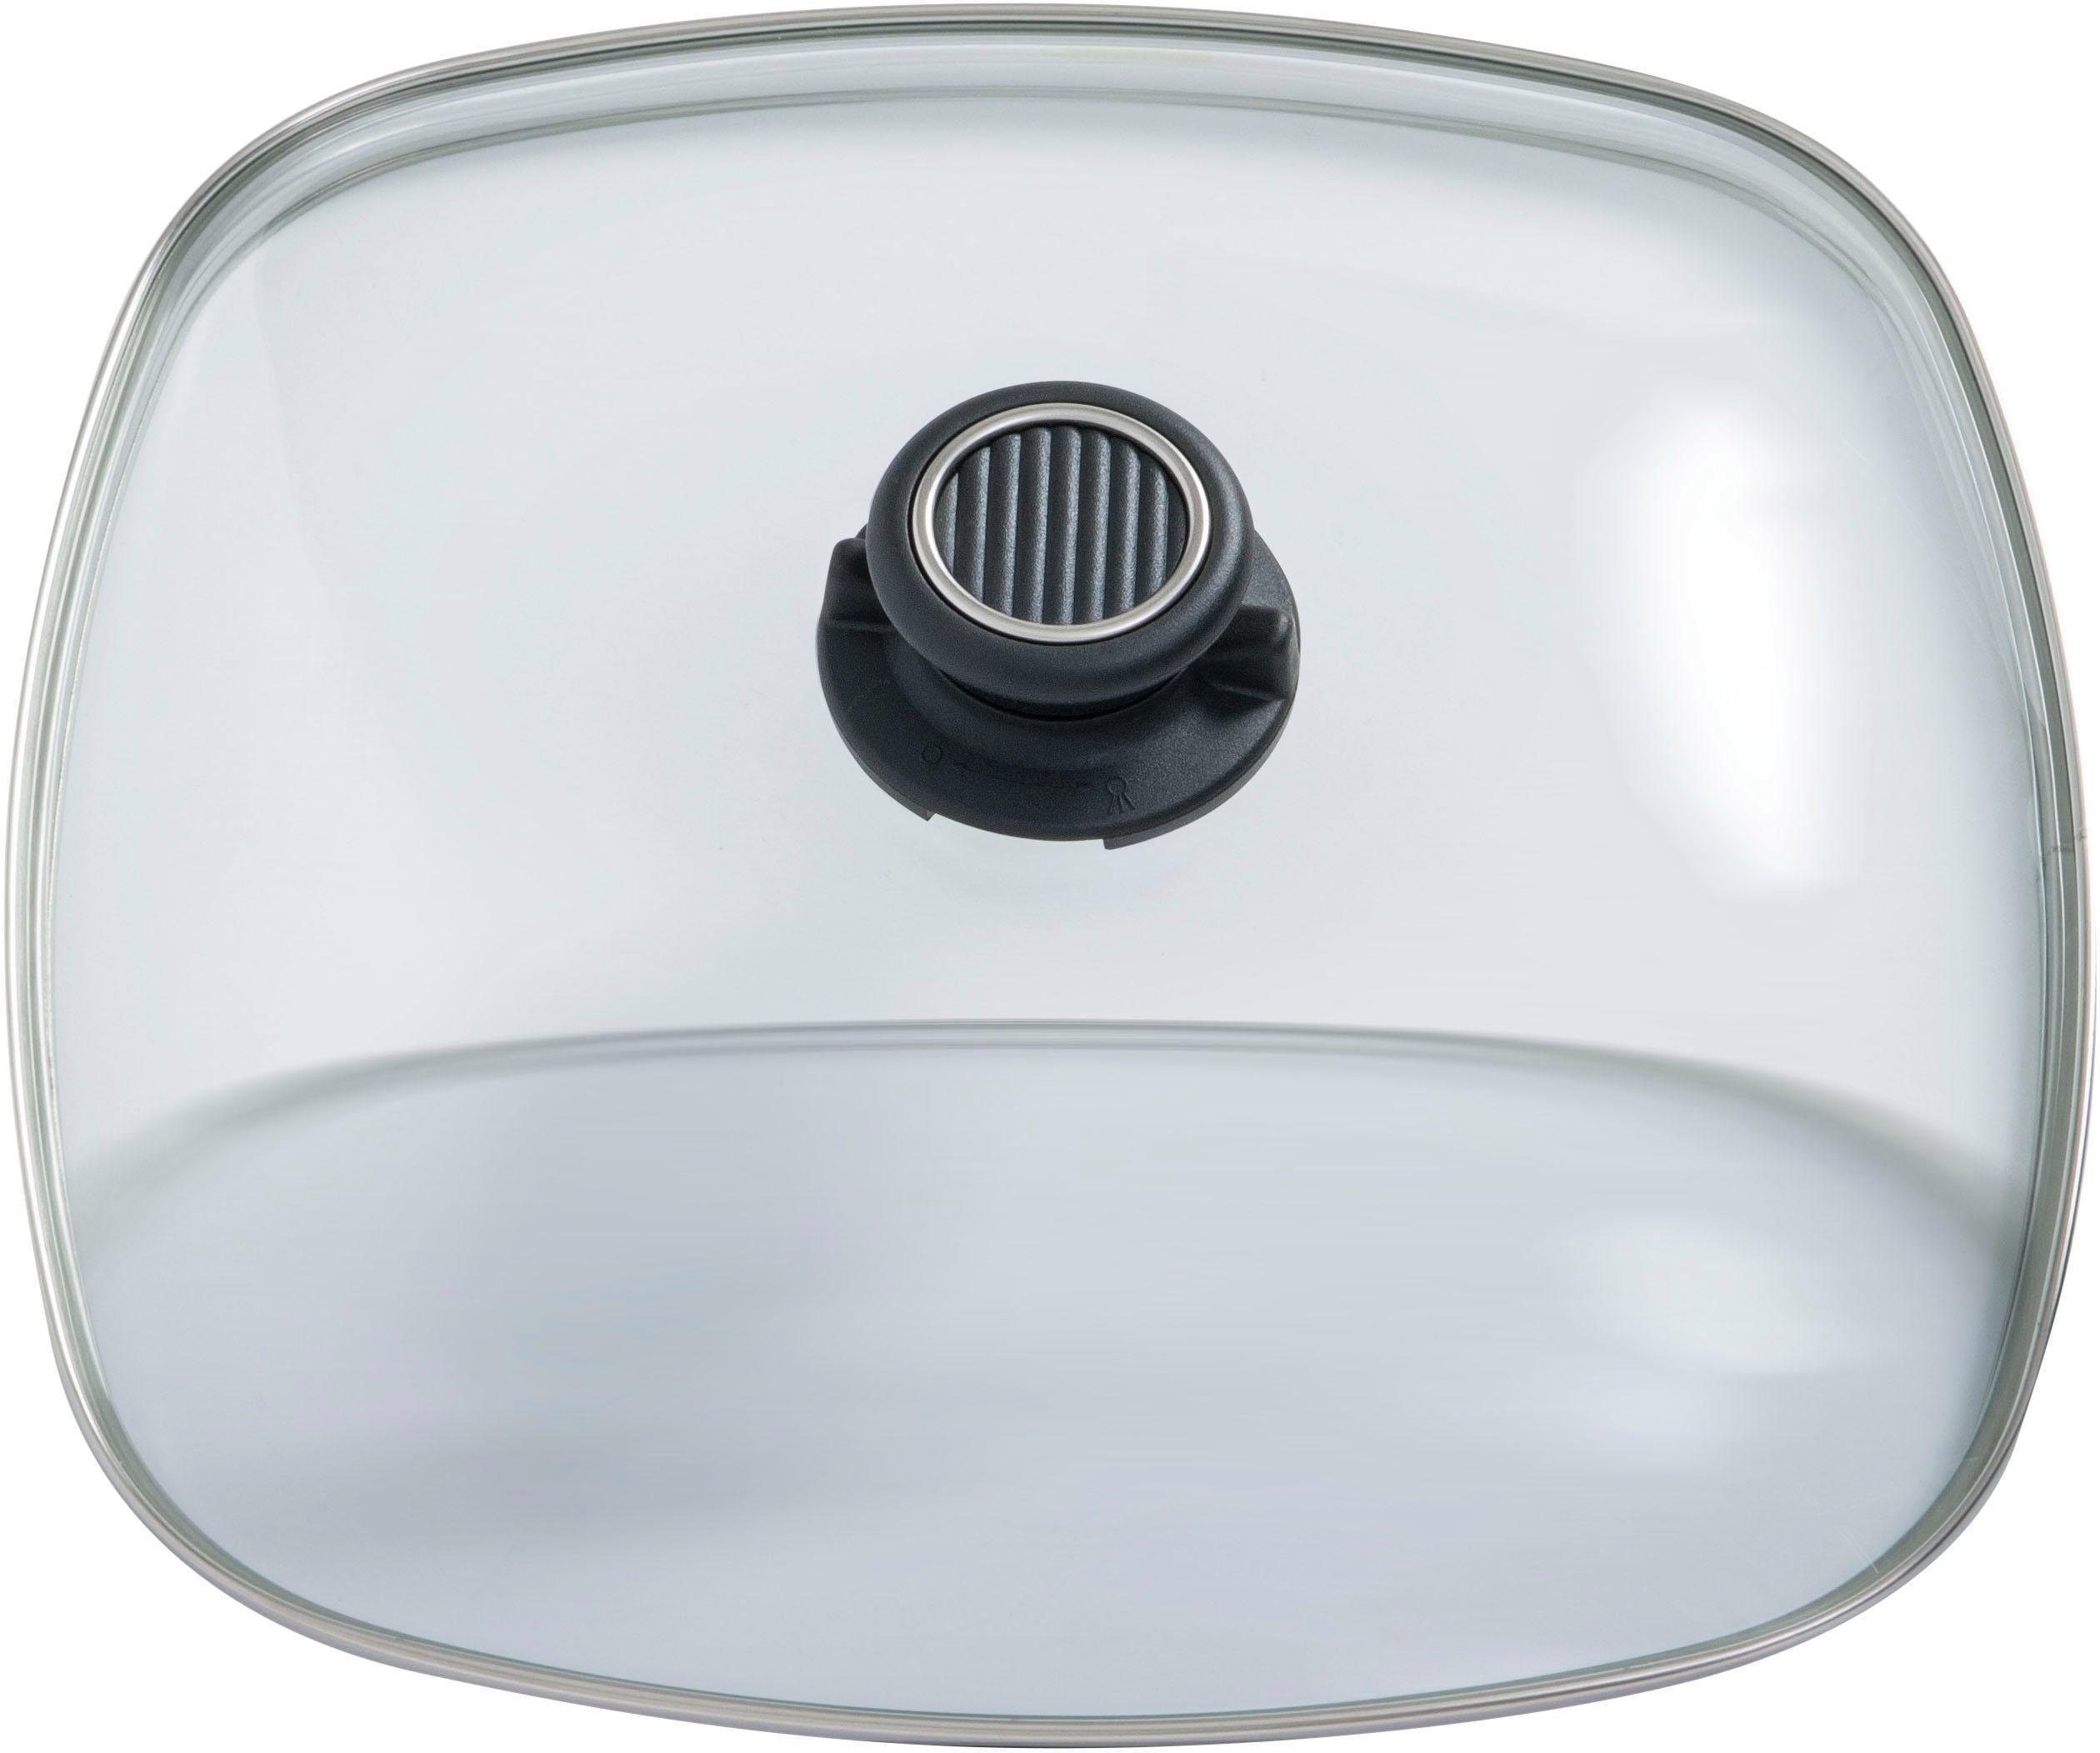 Gastrolux Deckel Deluxe, eckig, 28x28 cm farblos Zubehör für Töpfe Haushaltswaren